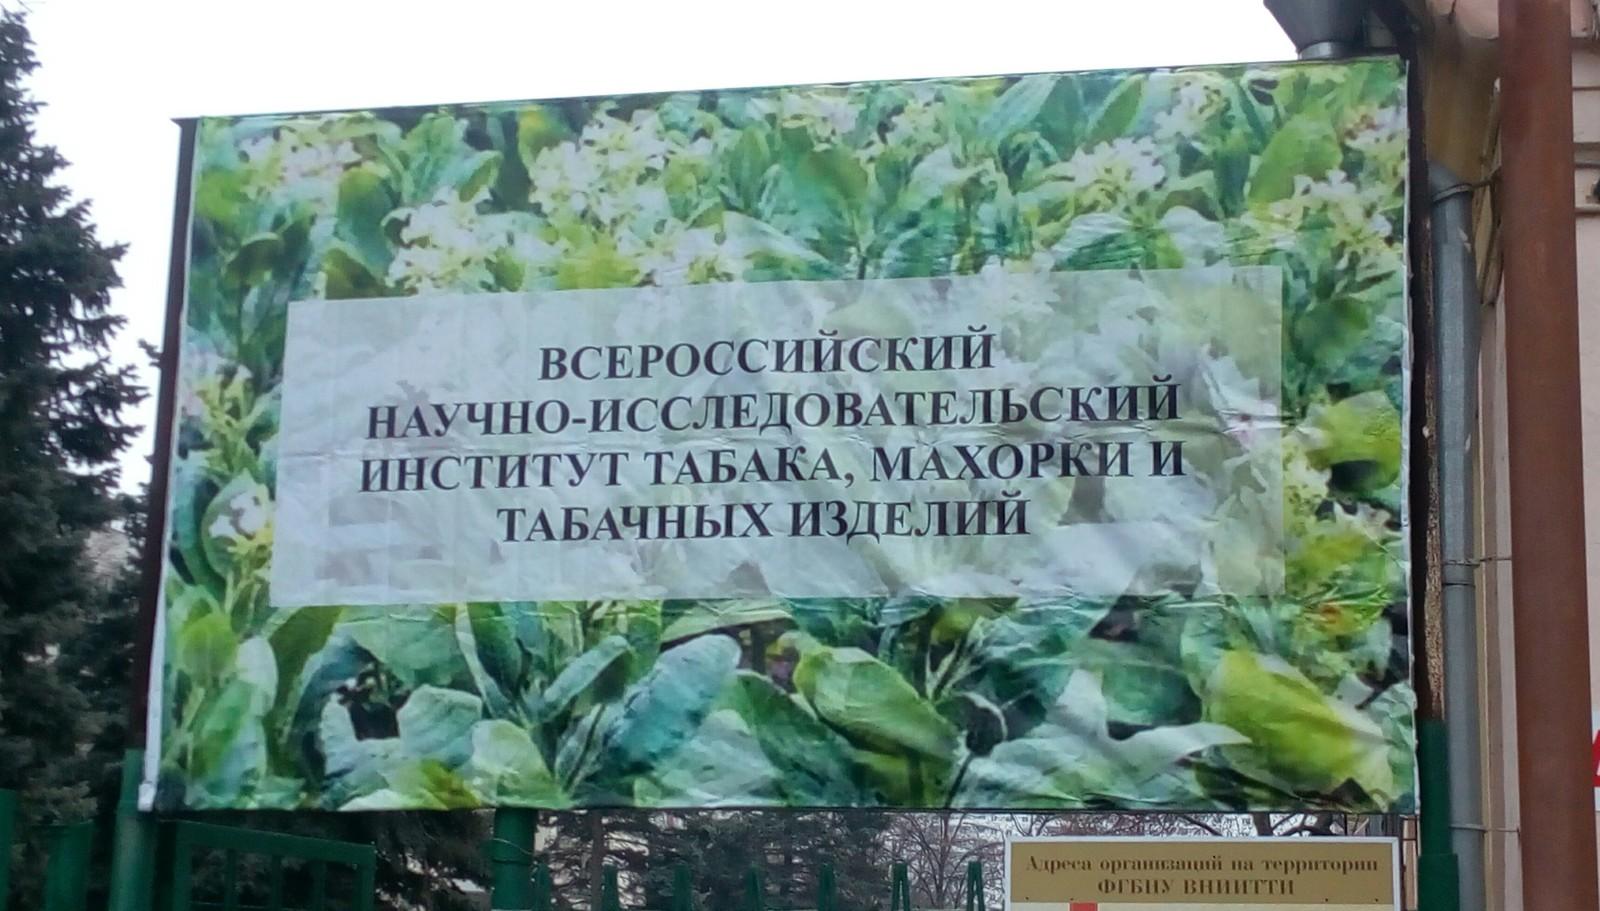 Всероссийскому научно исследовательскому институту табака махорки и табачных изделий электронная сигарета одноразовая казань